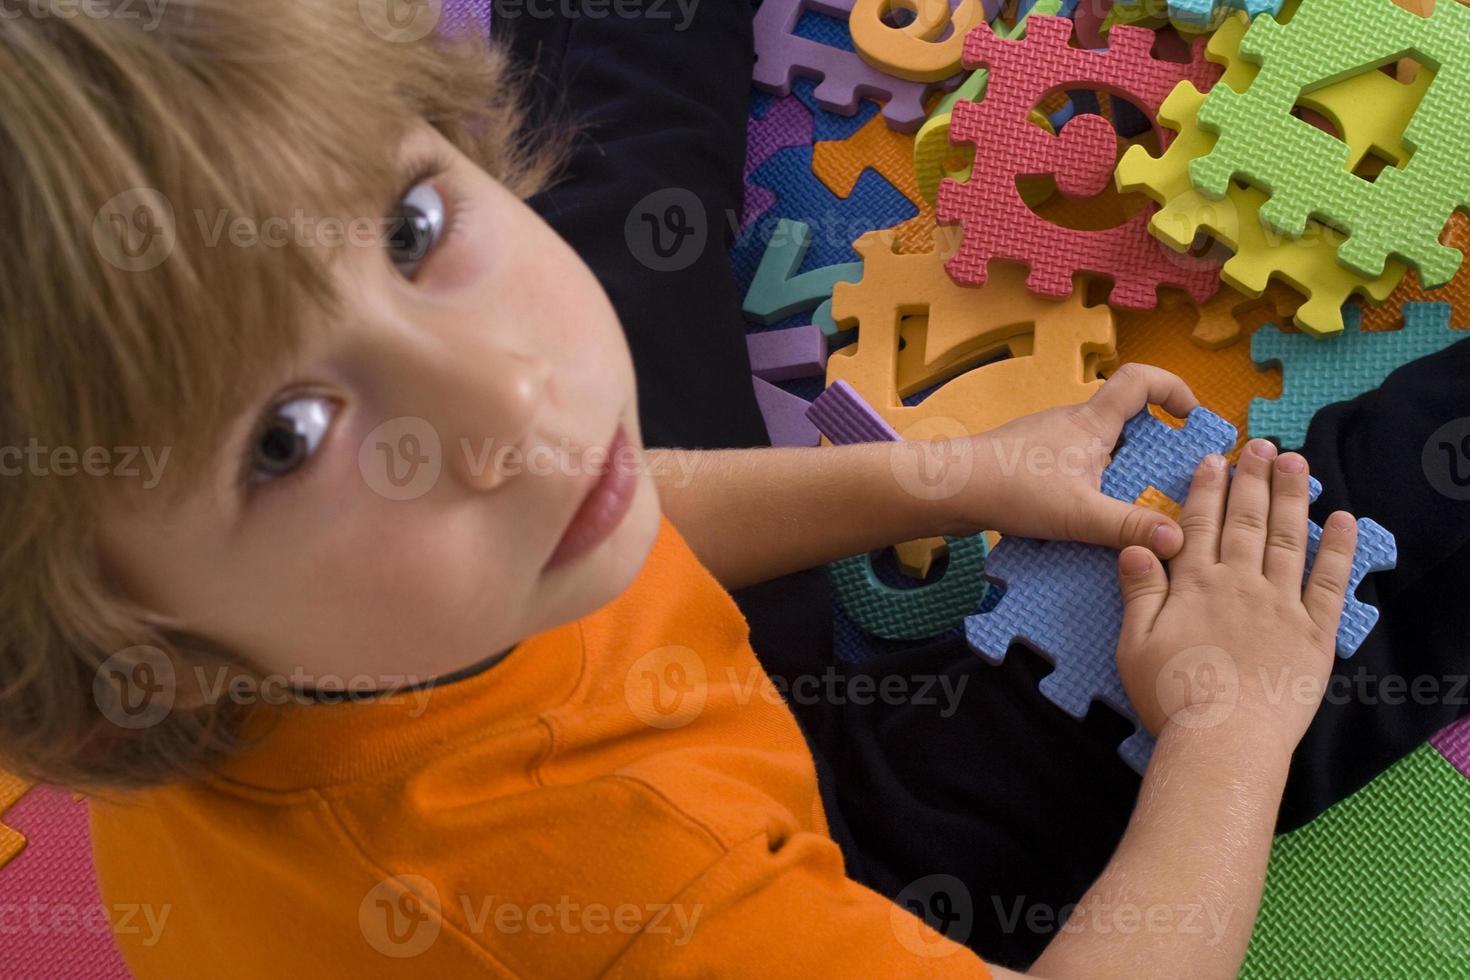 kleine jongen spelen met puzzels foto